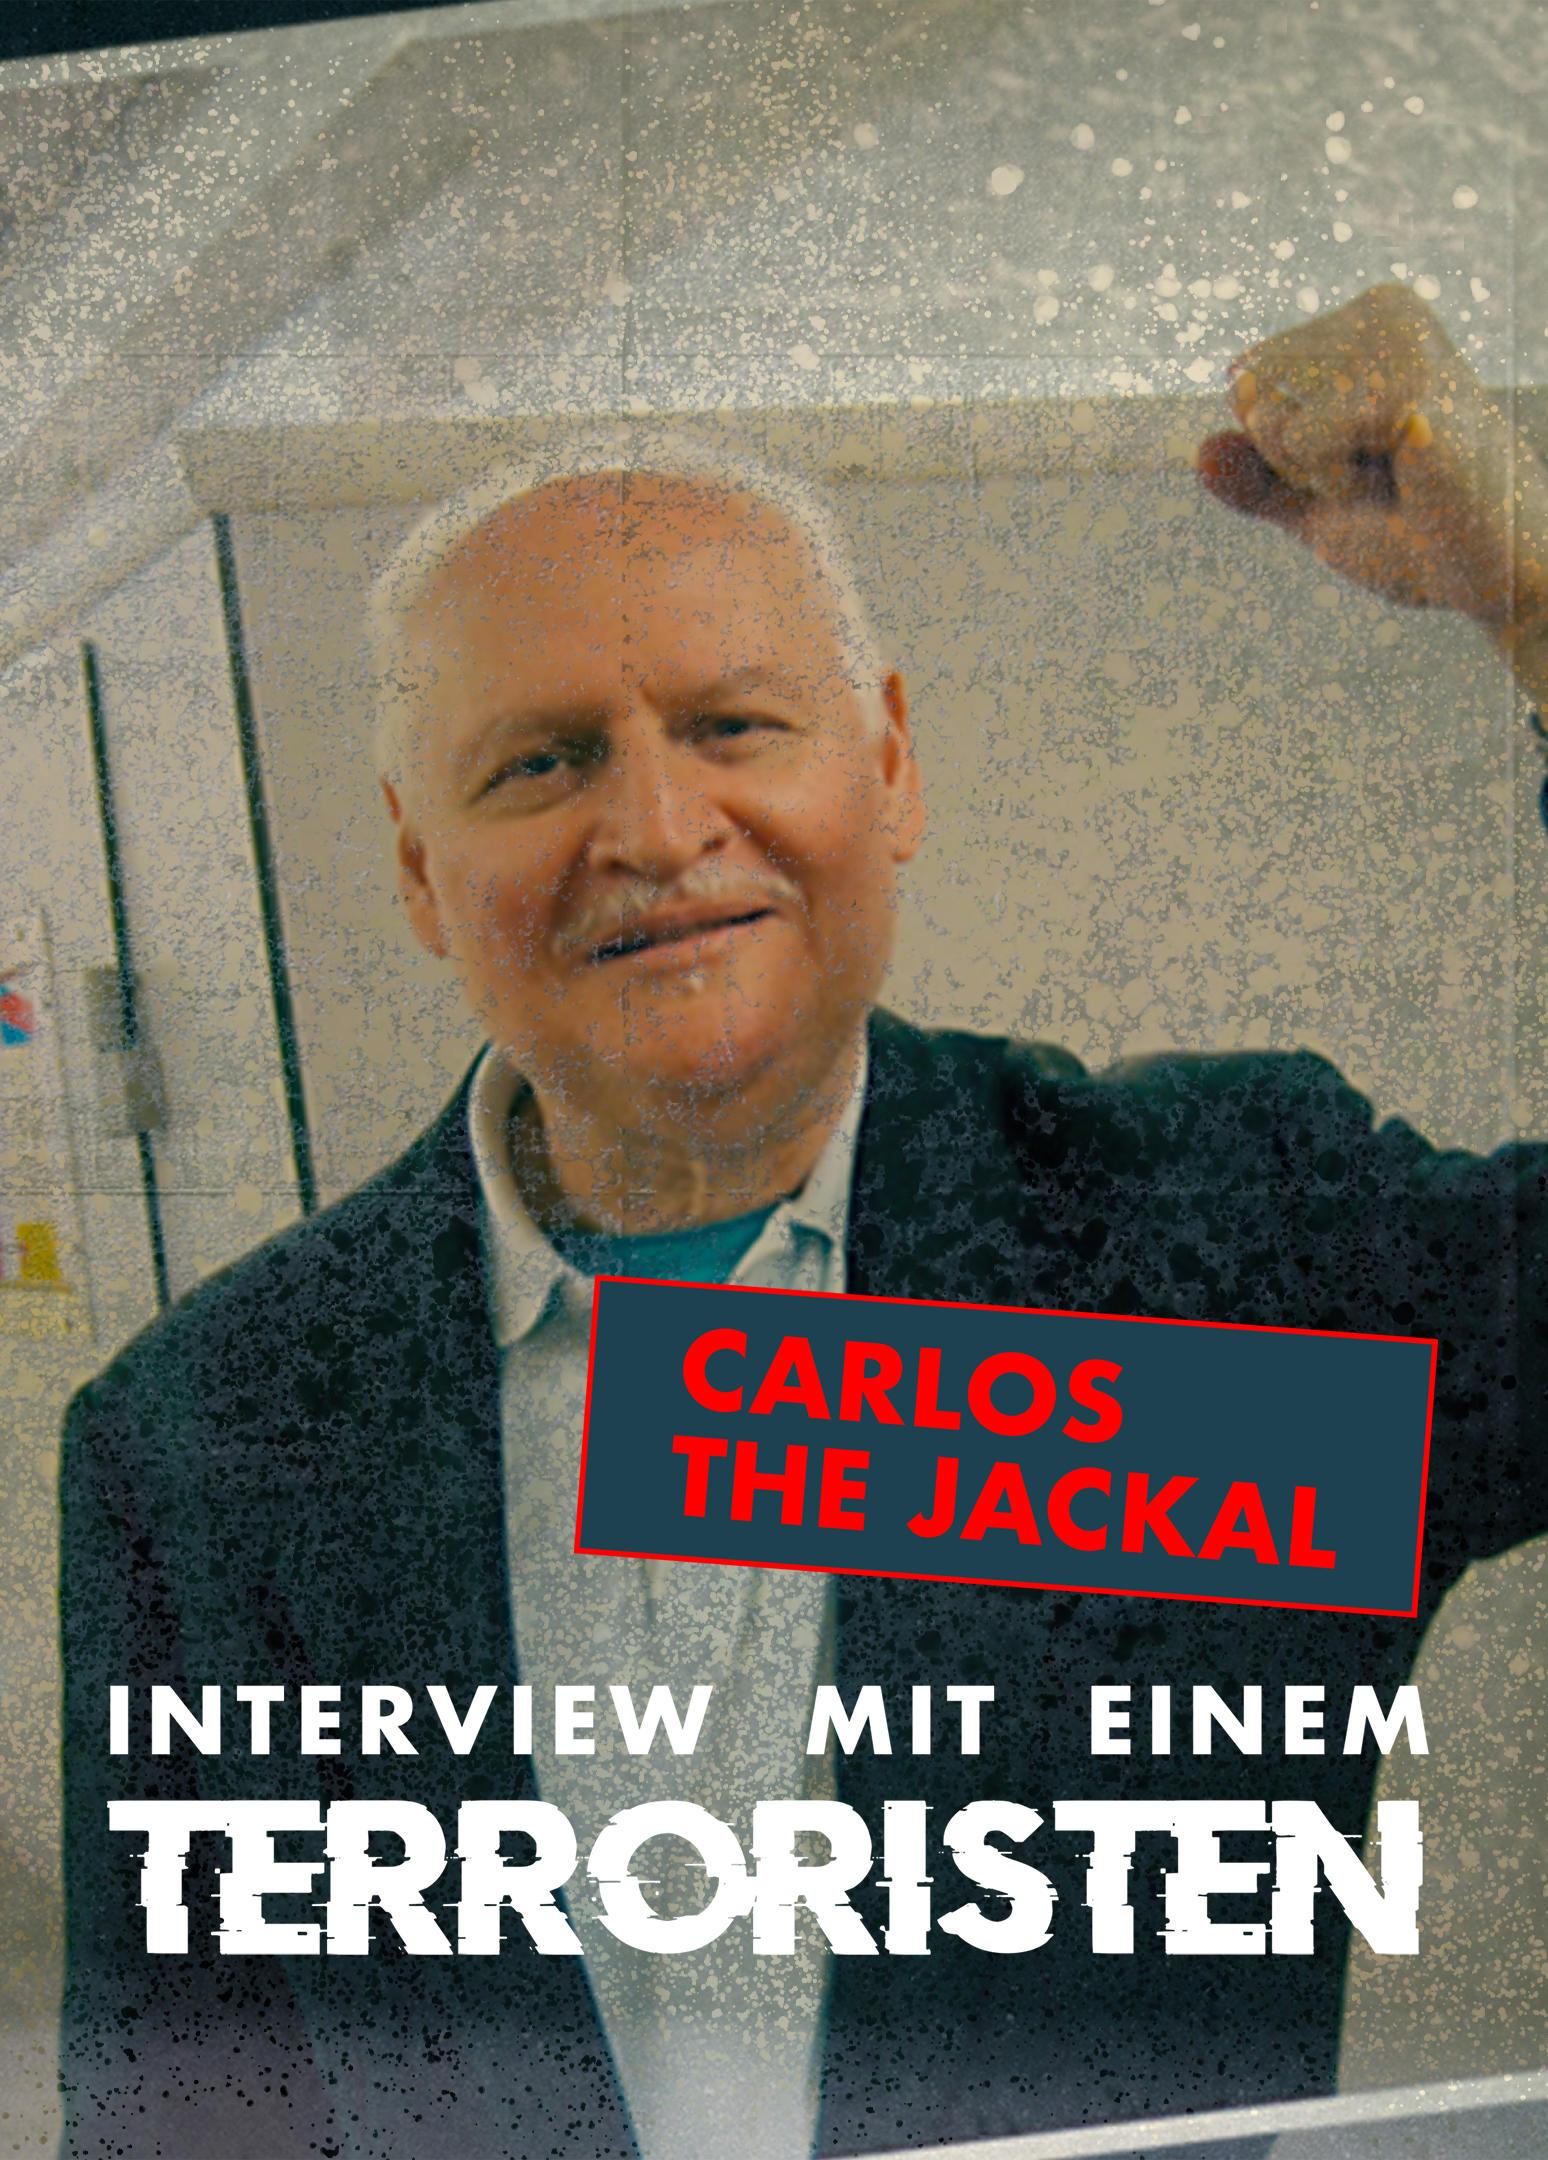 Carlos the Jackal - Interview mit einem Terroristen